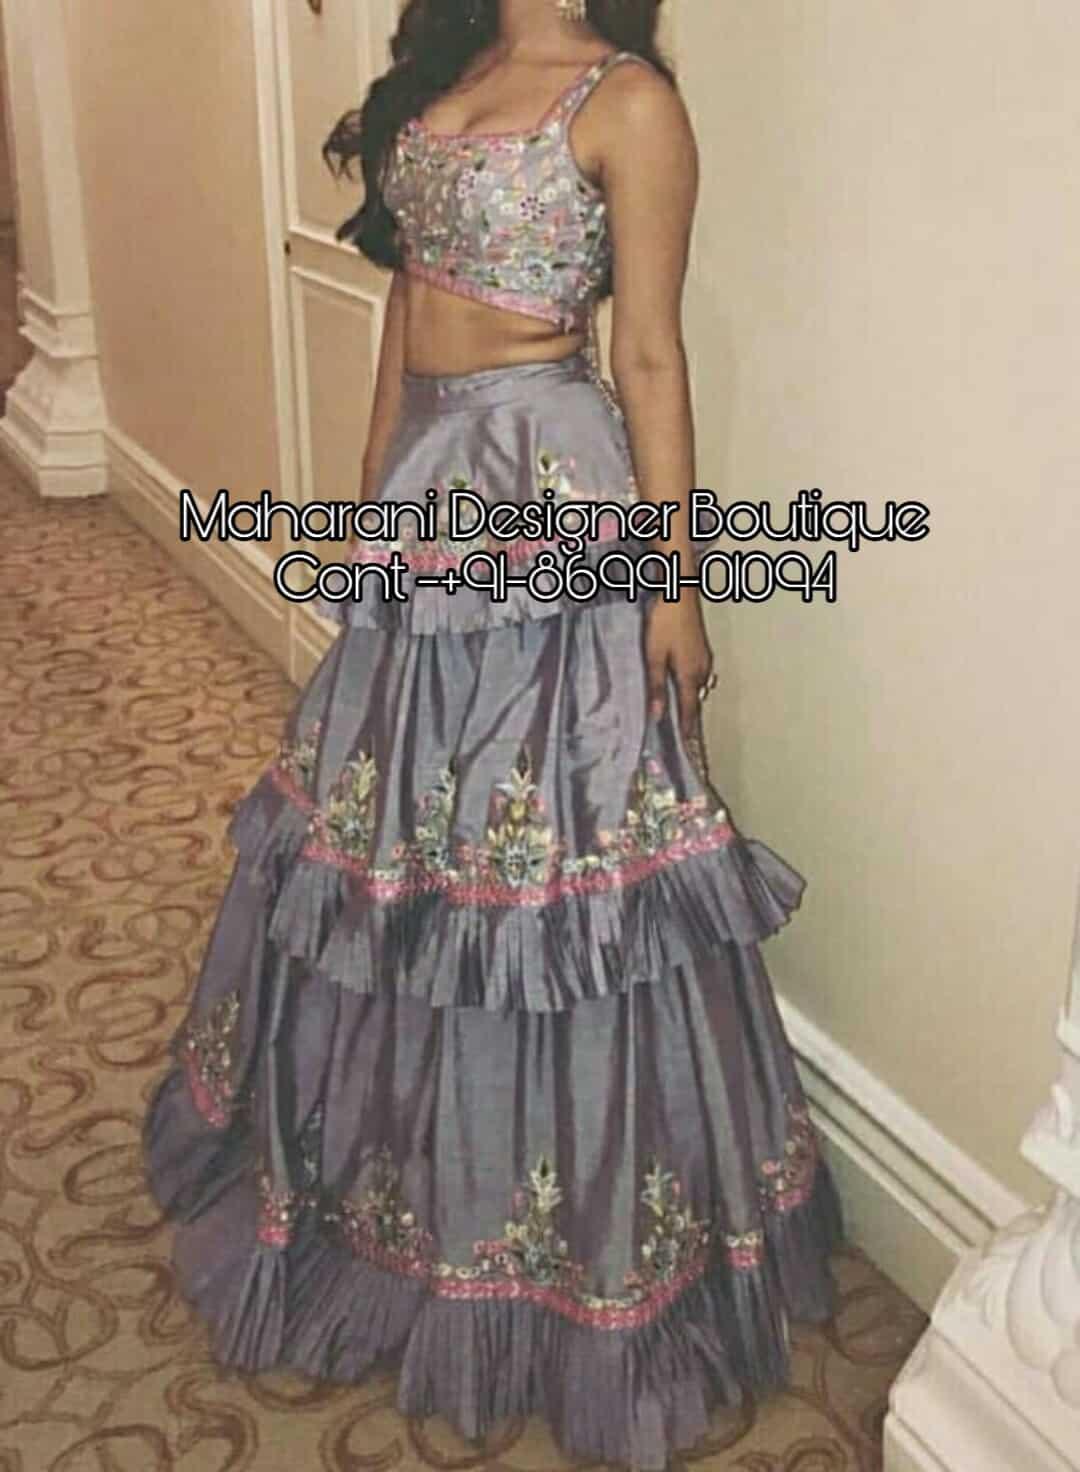 bbe089031e Lehenga Choli Designer Boutique, wedding lehenga boutique designer, lehenga  designer shop, lehenga choli